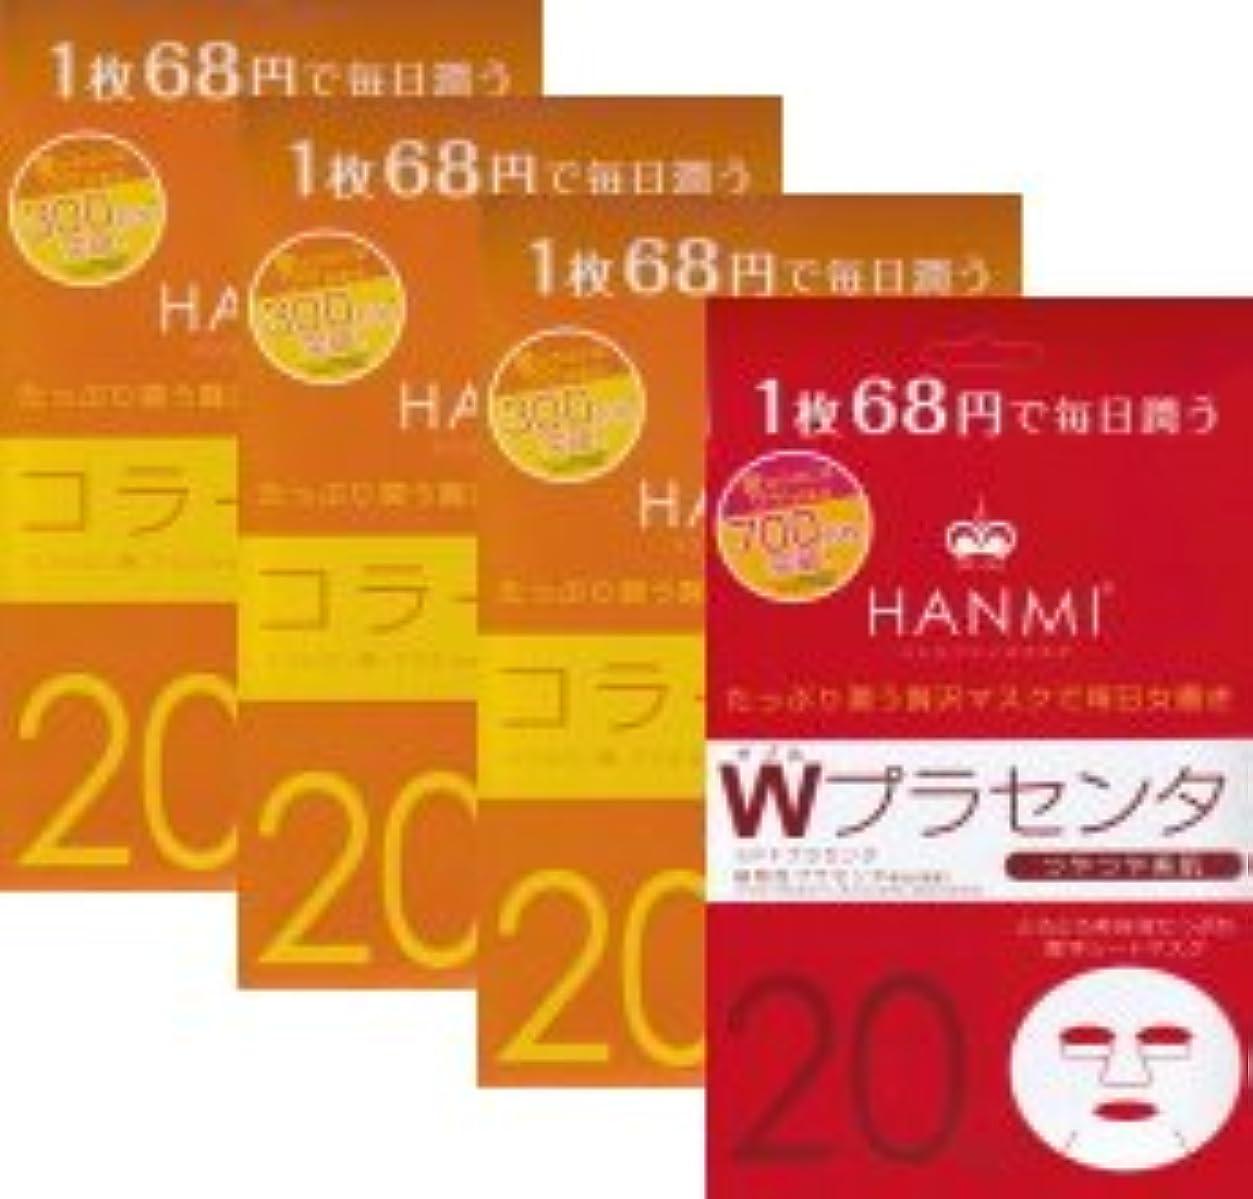 葉を集めるオリエンテーション大人MIGAKI ハンミフェイスマスク(20枚入り)「コラーゲン×3個」「Wプラセンタ×1個」の4個セット